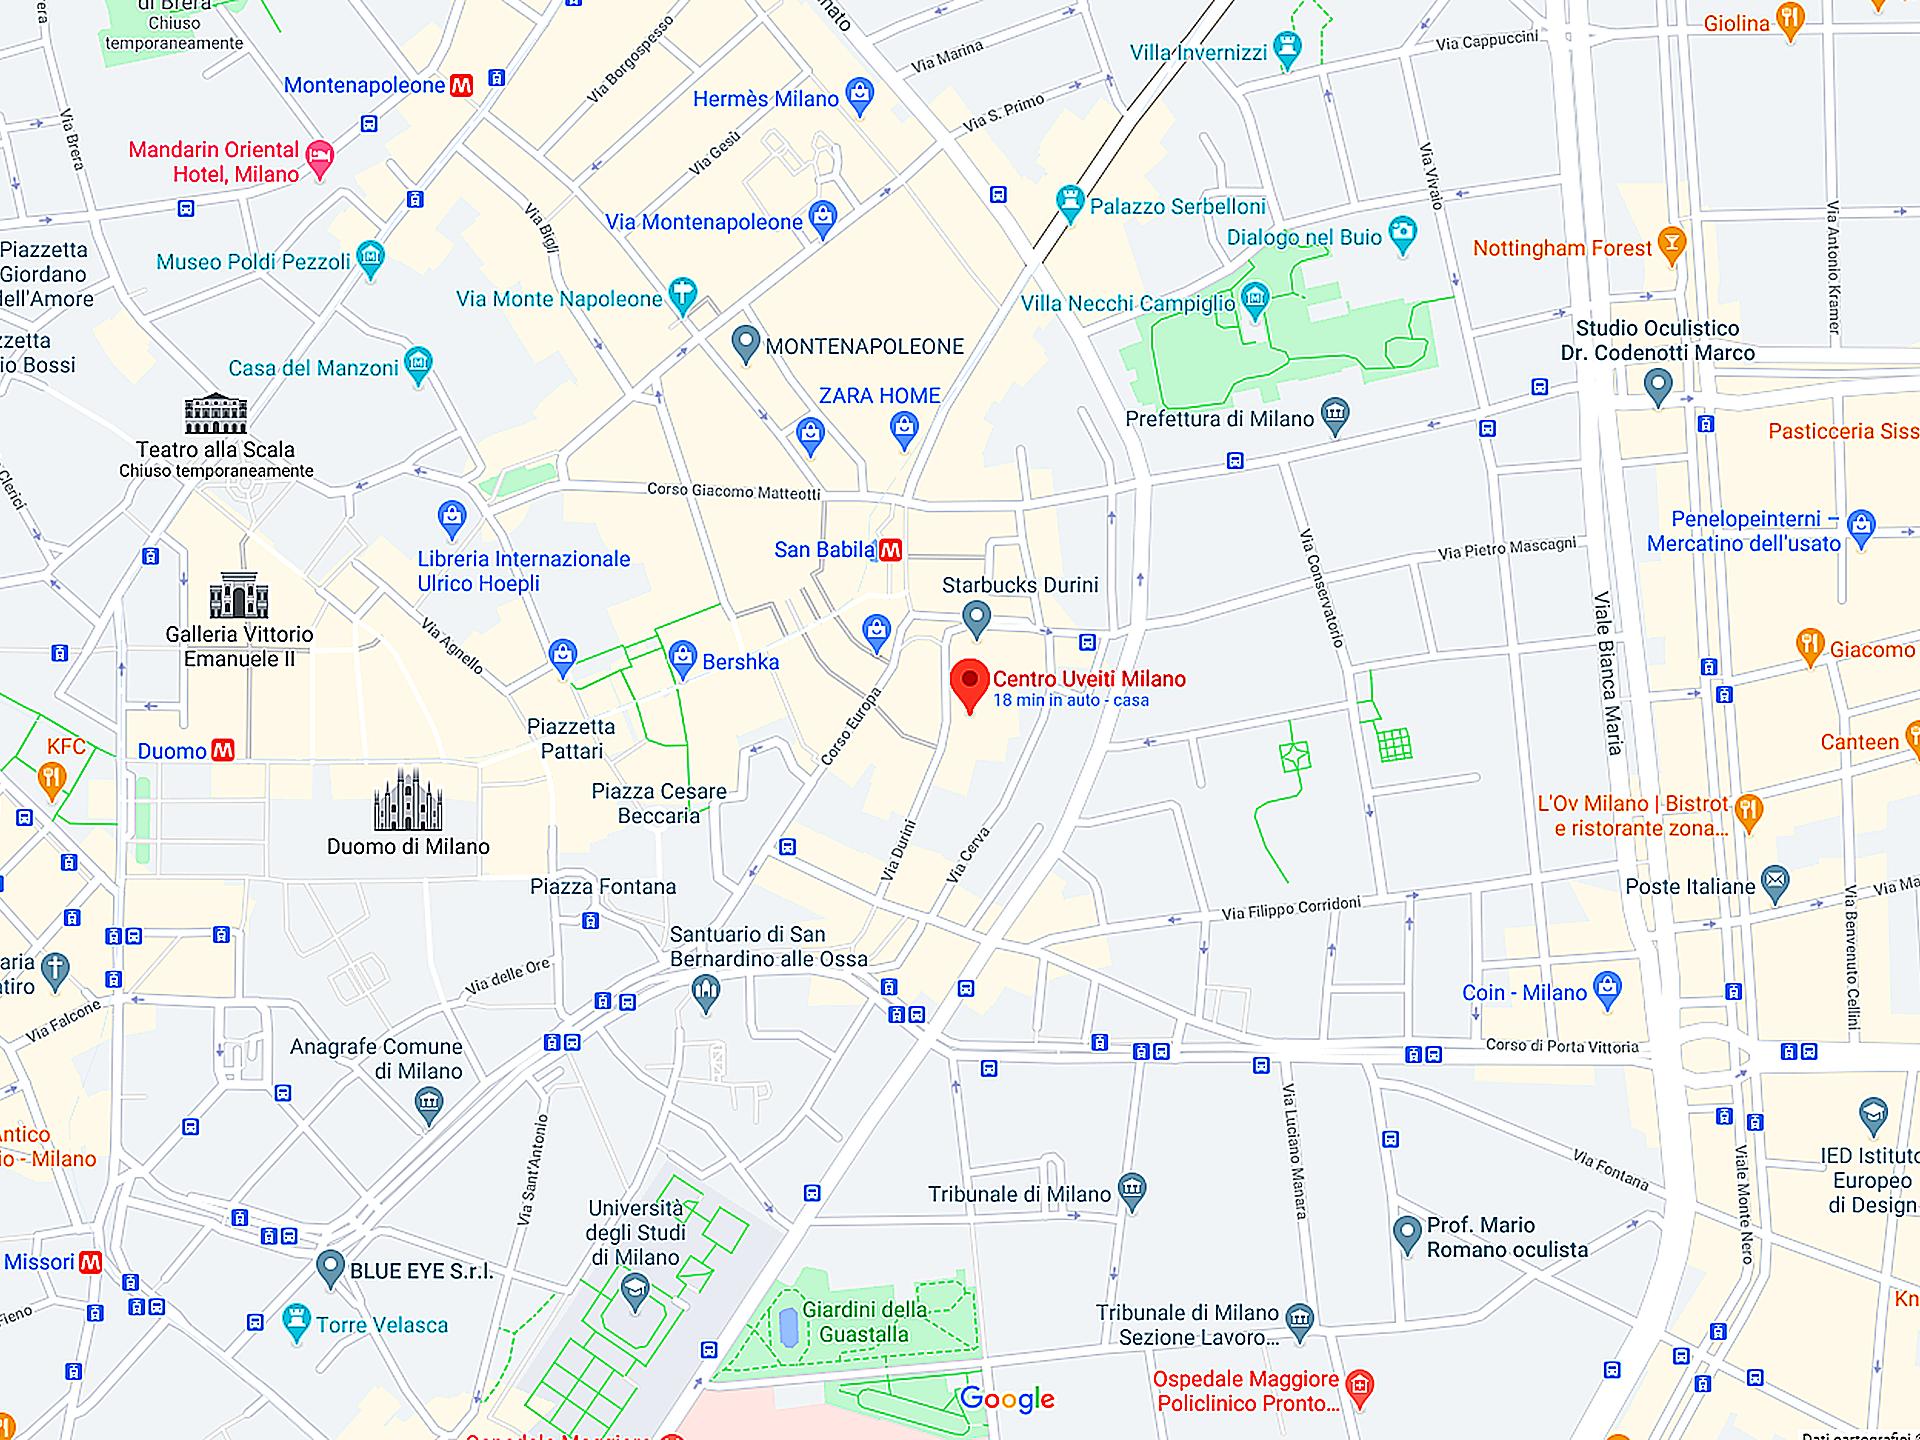 centro uveiti milano mappa